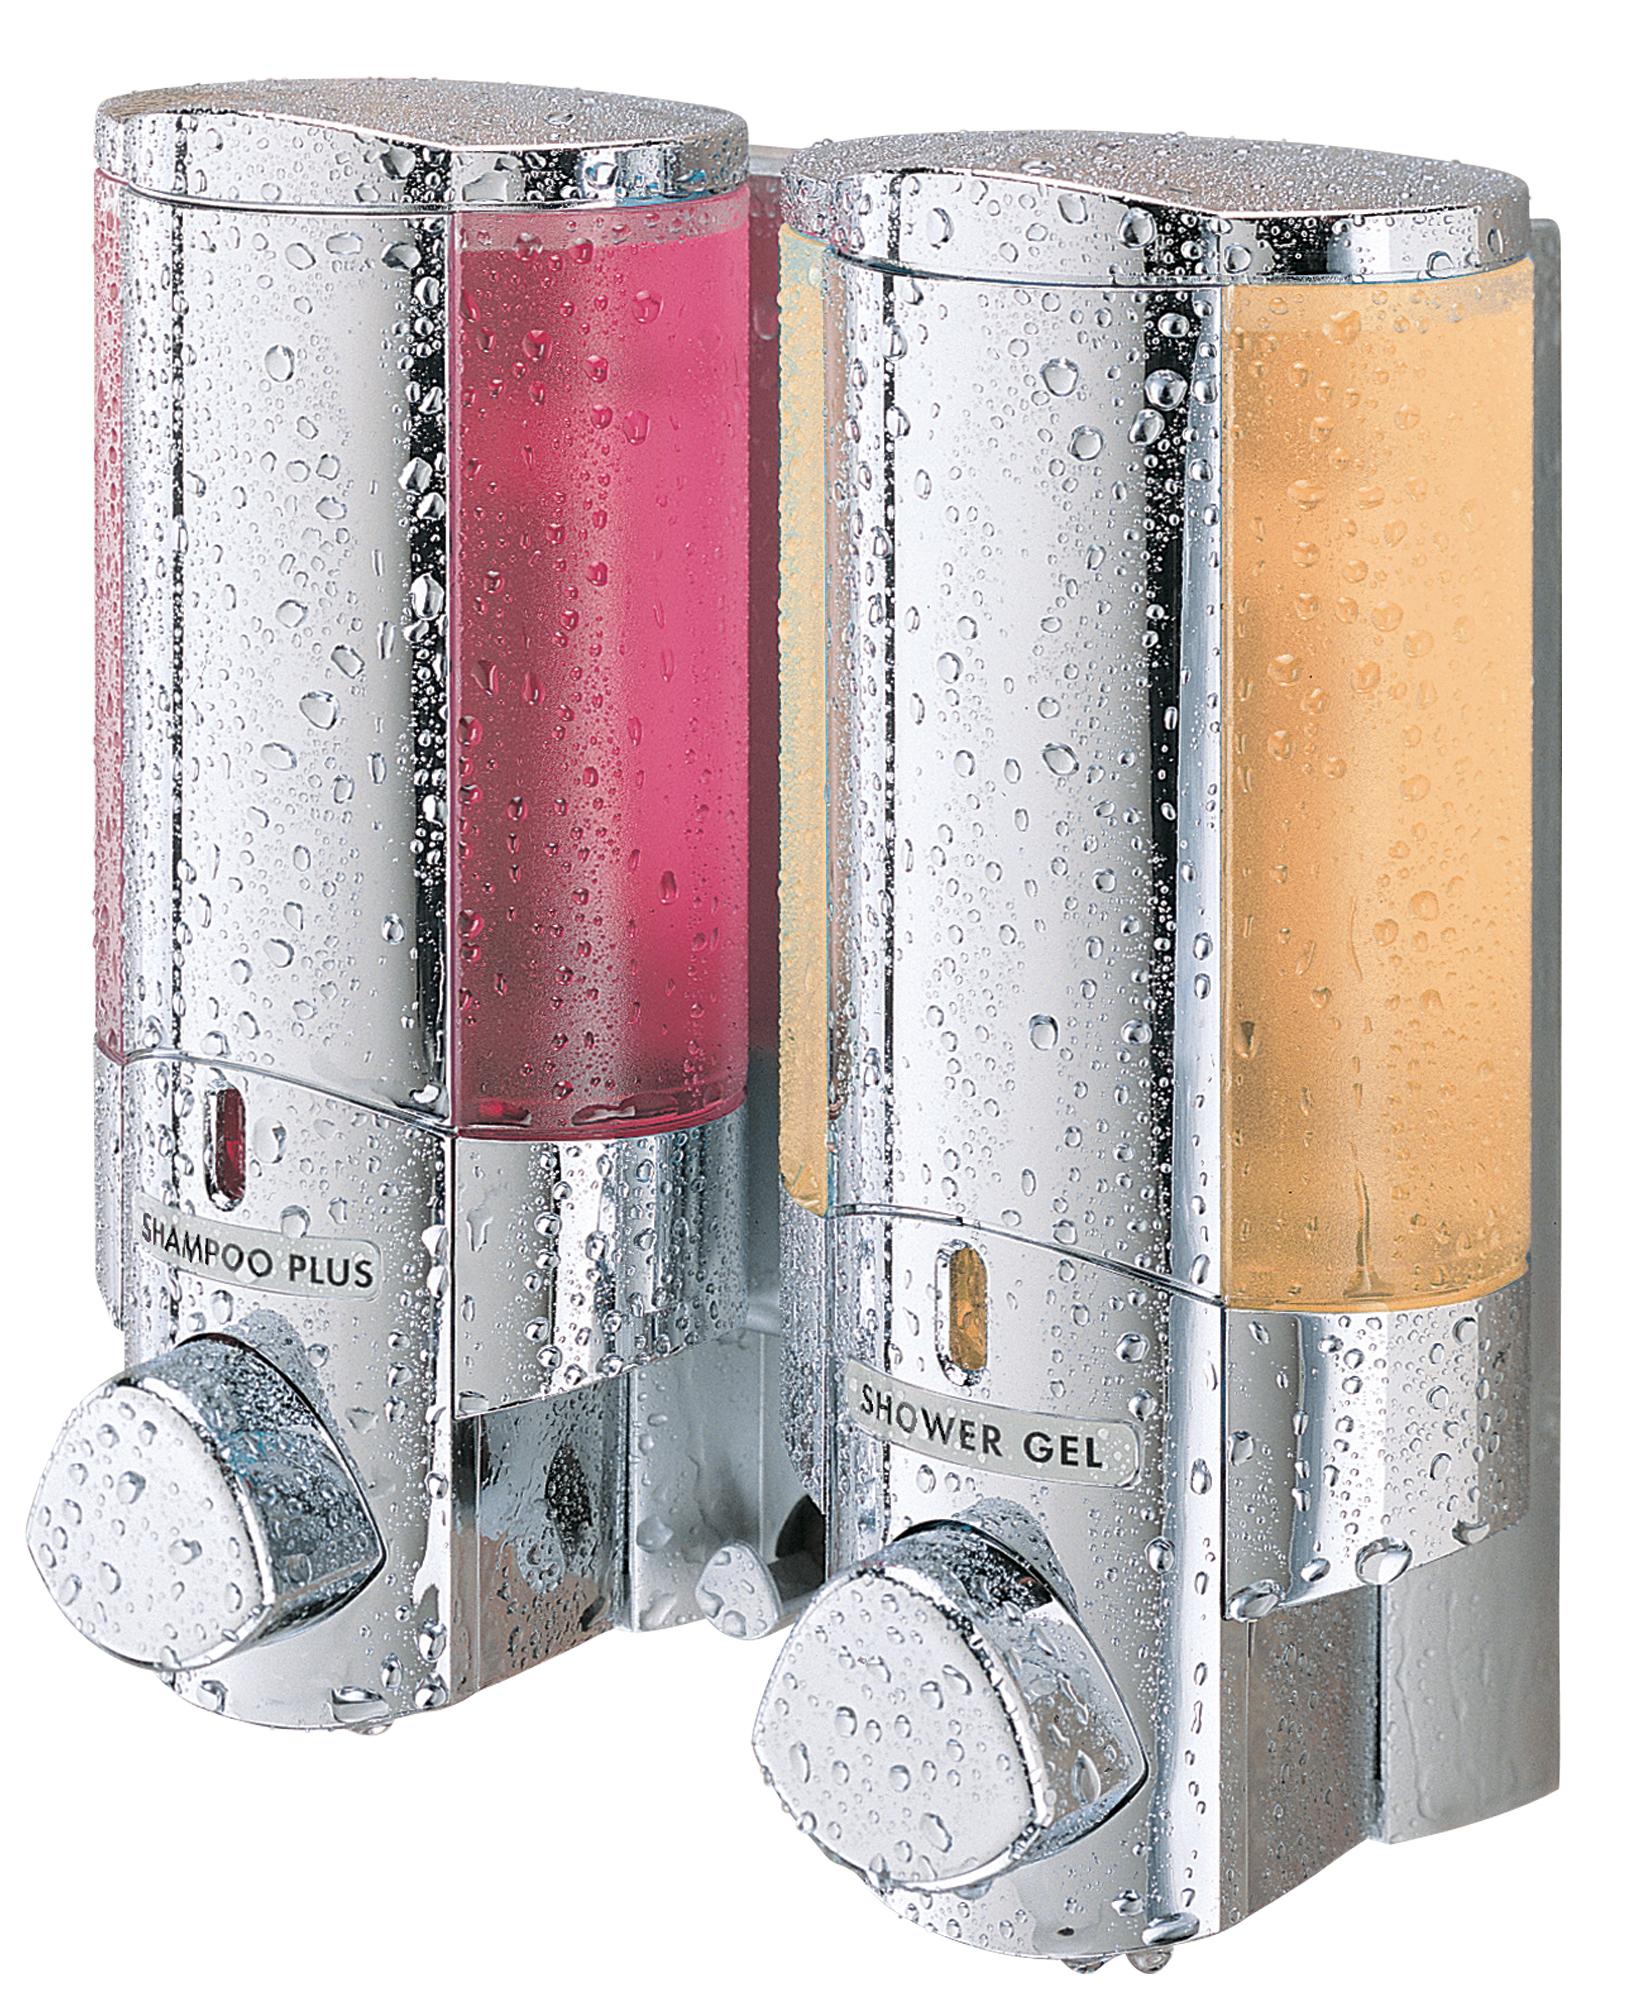 Seifenspender Wand Dusche : Aviva Soap Dispenser Replacement